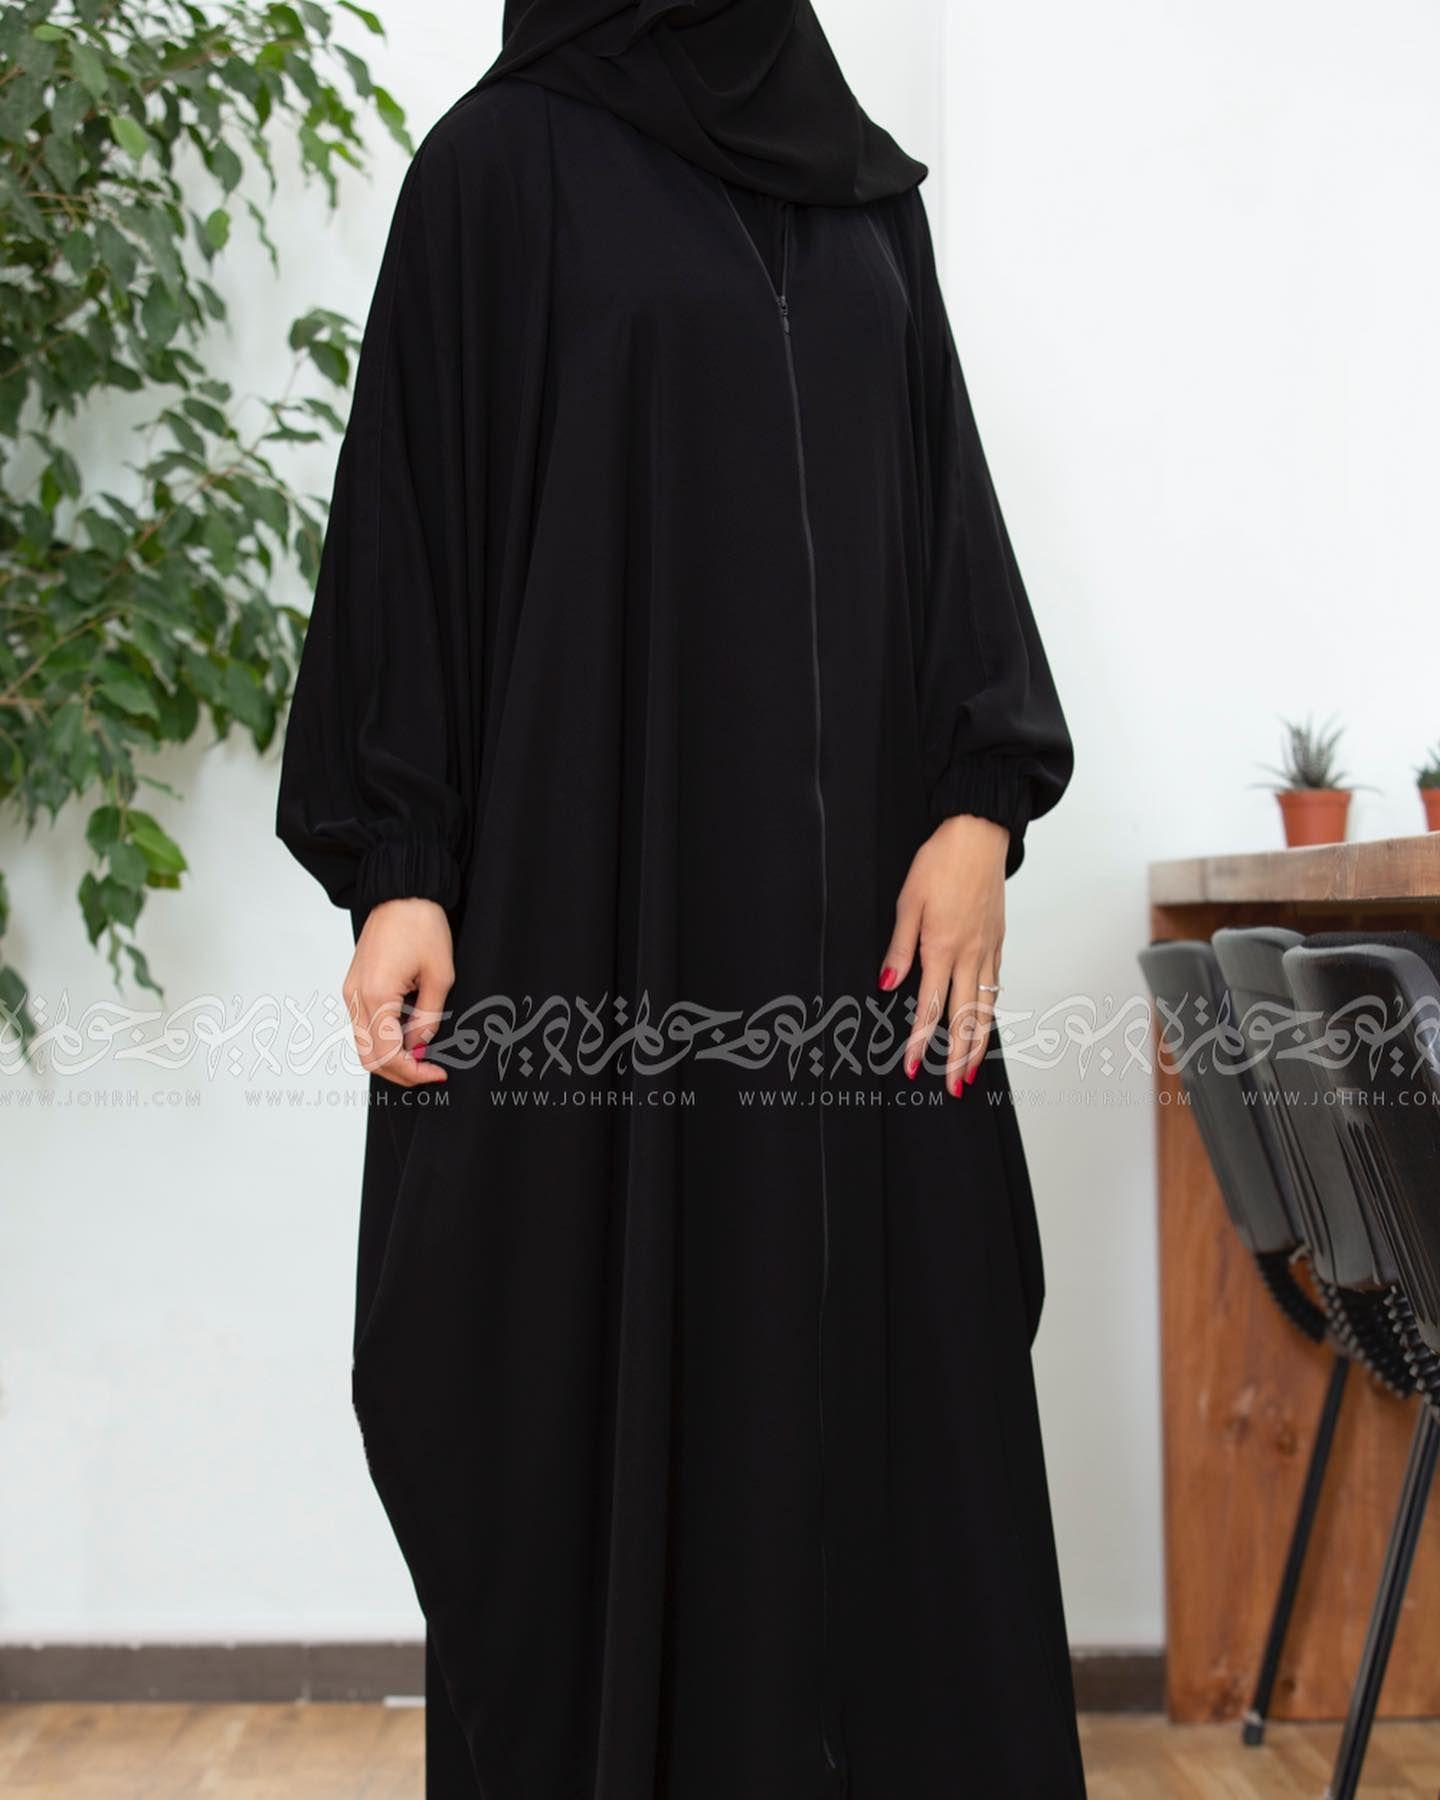 رقم الموديل ١٦٢٣ السعر ٢١٠ ريال عباية بكم زم من الحرير المغسول وجيب سحاب بطرحة مثبتة ومناسبة للحج عبايات متجر جوه Dresses With Sleeves Maxi Dress Fashion